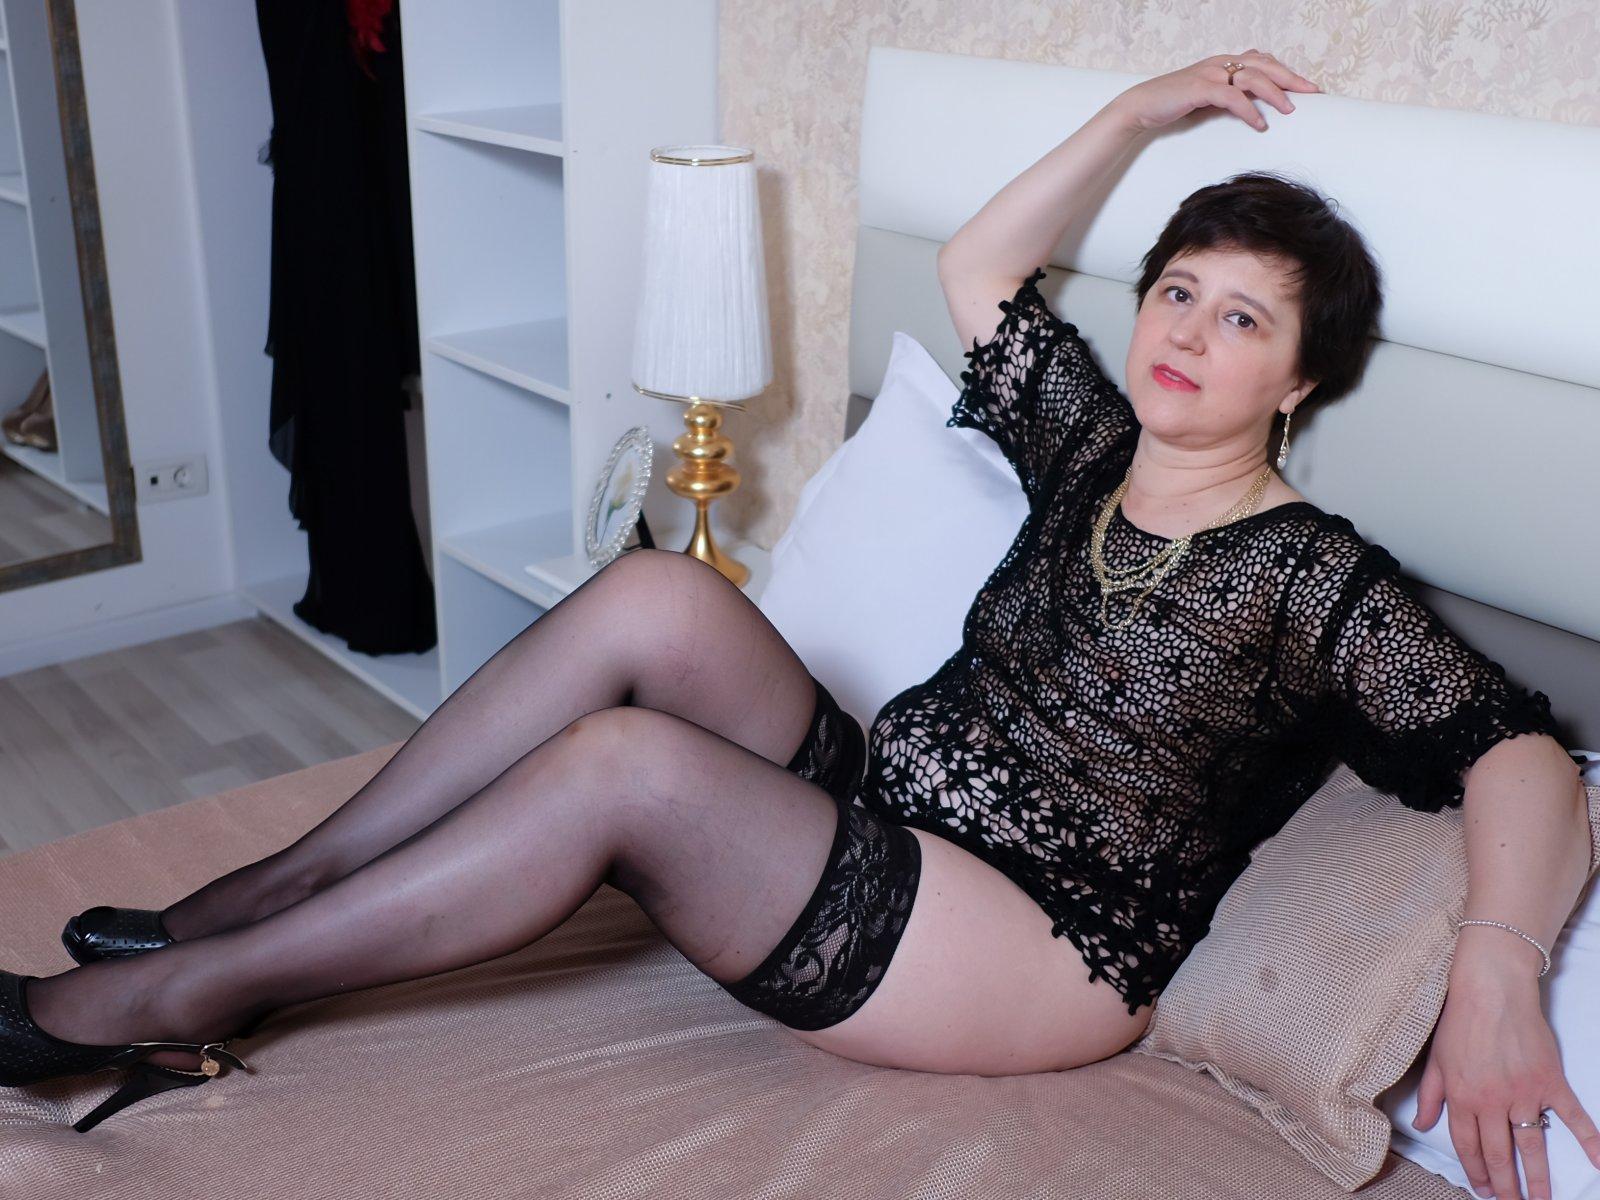 зрелые русские женщины трахаются фото начальству